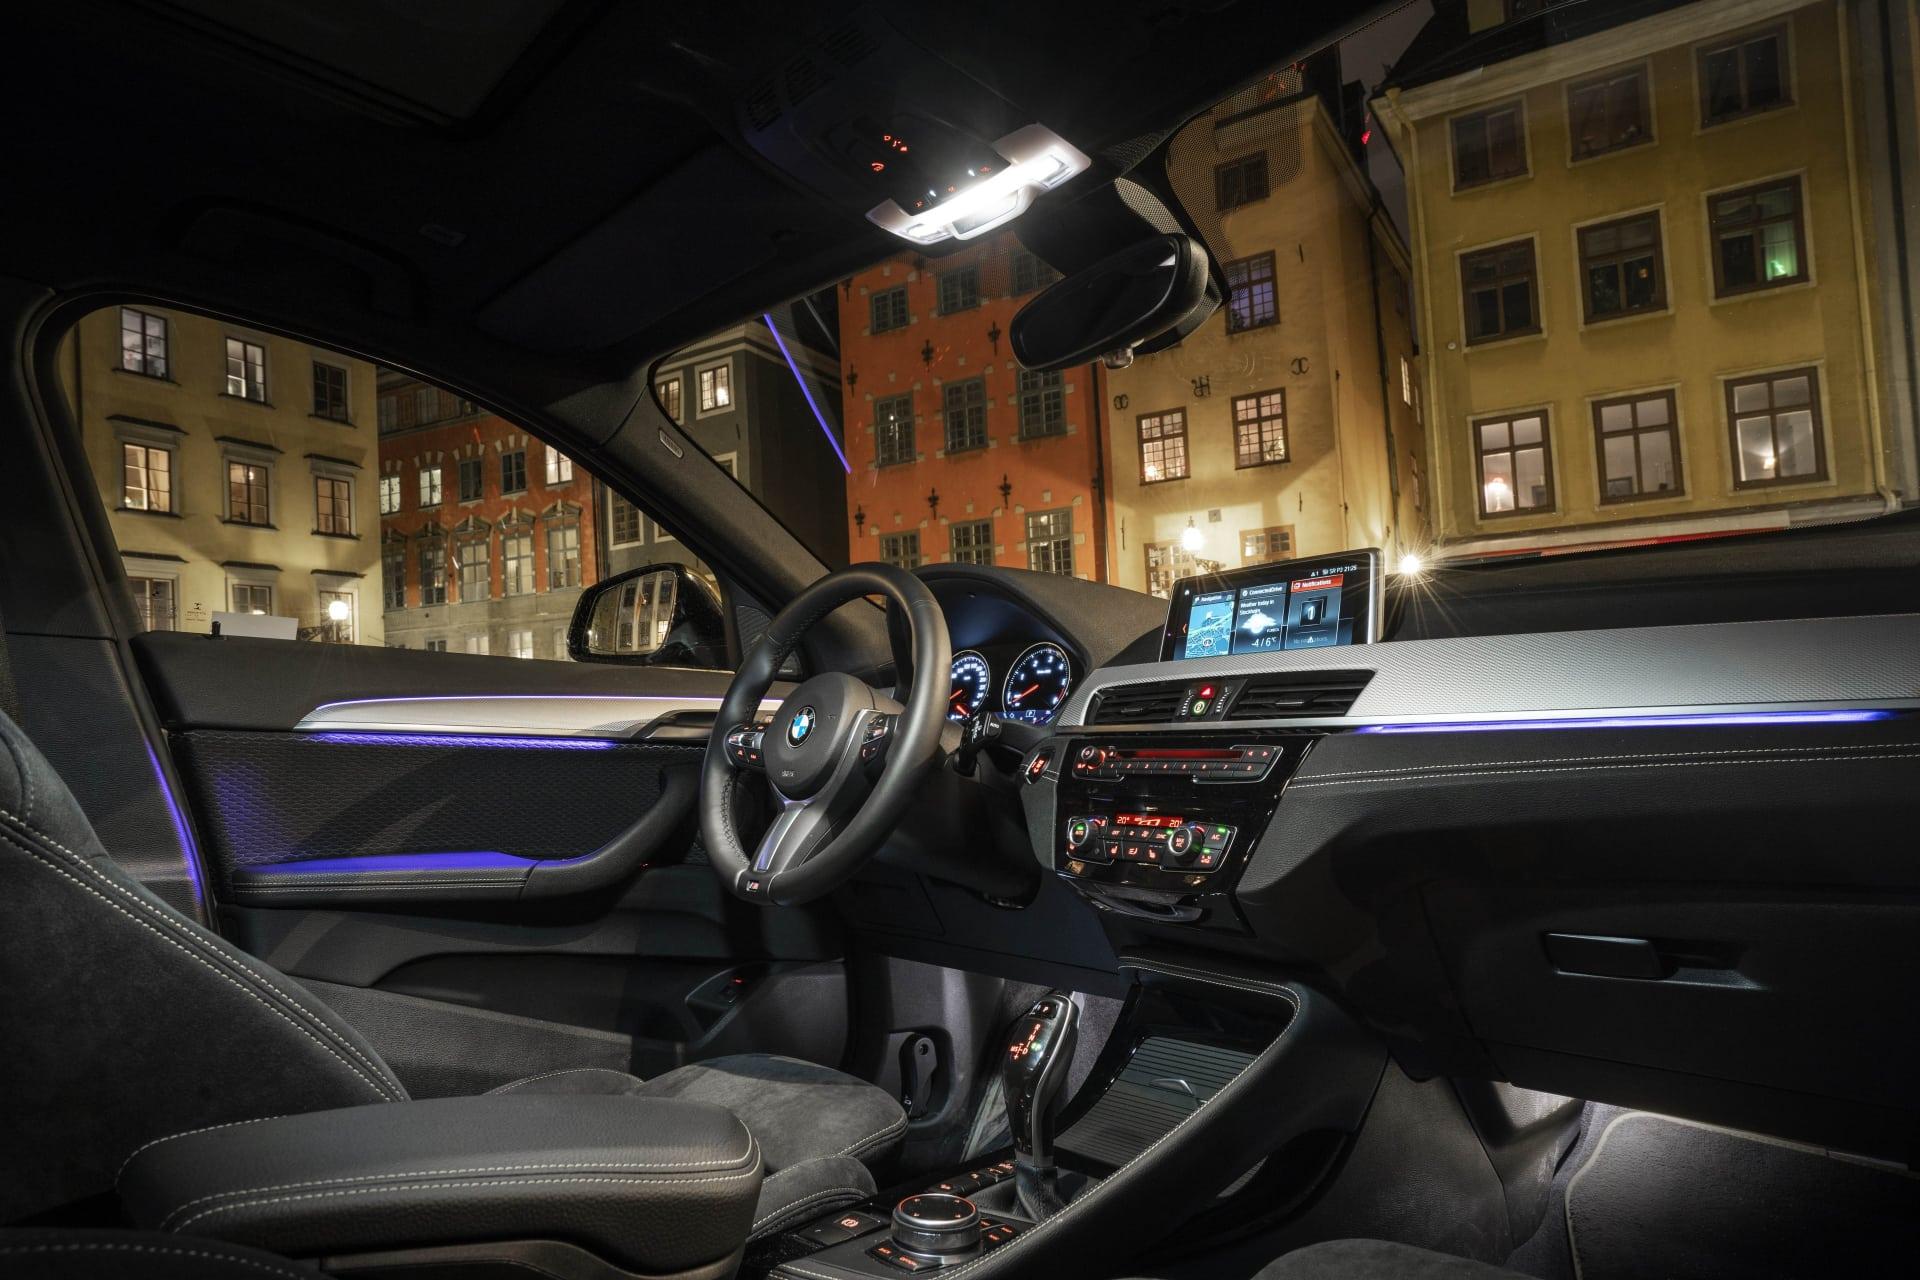 Interiören på BMW är som vanligt lätt att tyda. Numera har infotainmentskärmen som sticker upp i överkanten av mittkonsolen pekfunktion. I underkanten av panelerna sitter snygg belysning som går att ändra färg på.